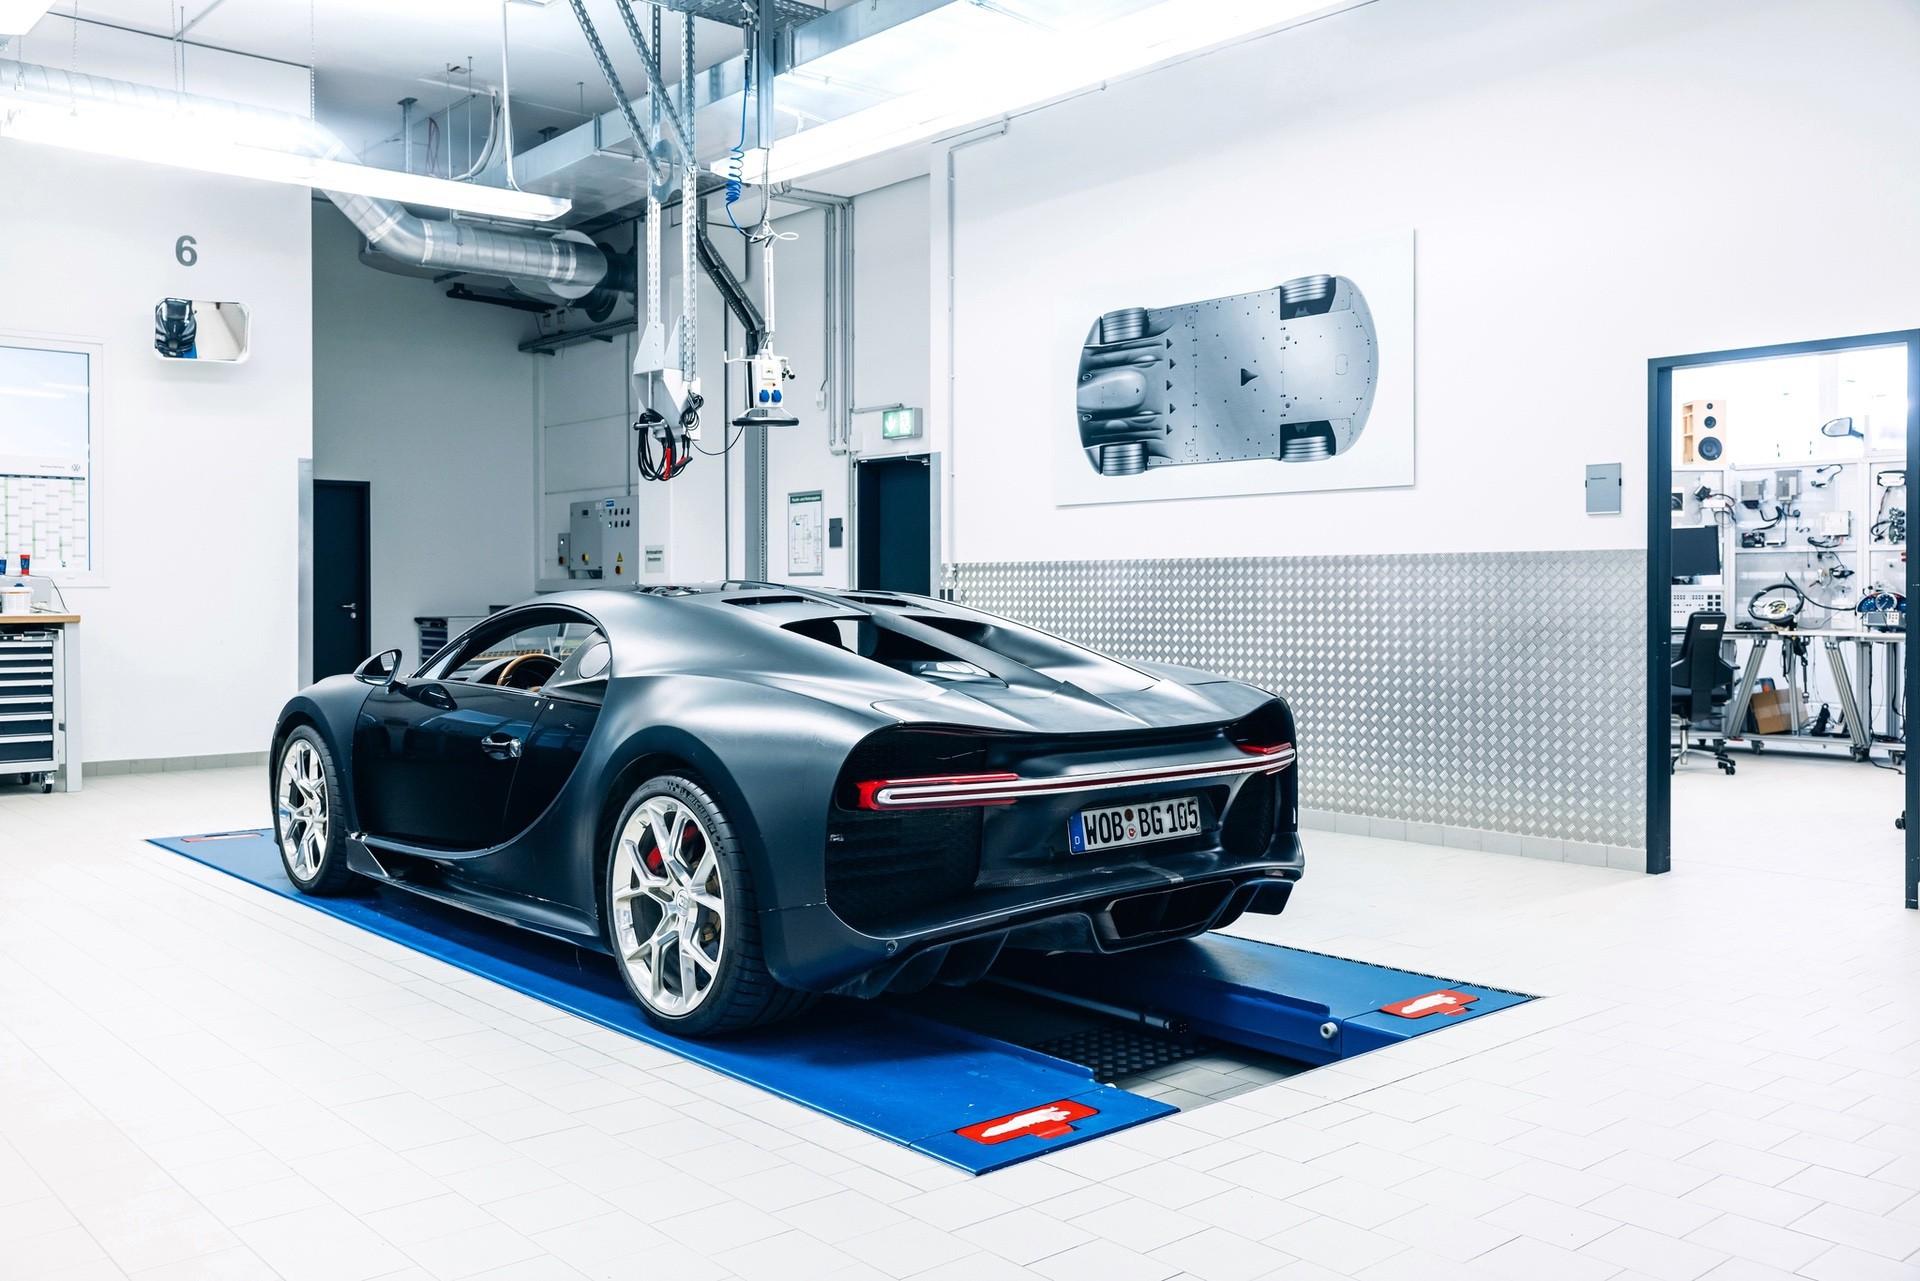 Bugatti_Chiron_Prototype_4-005-0005